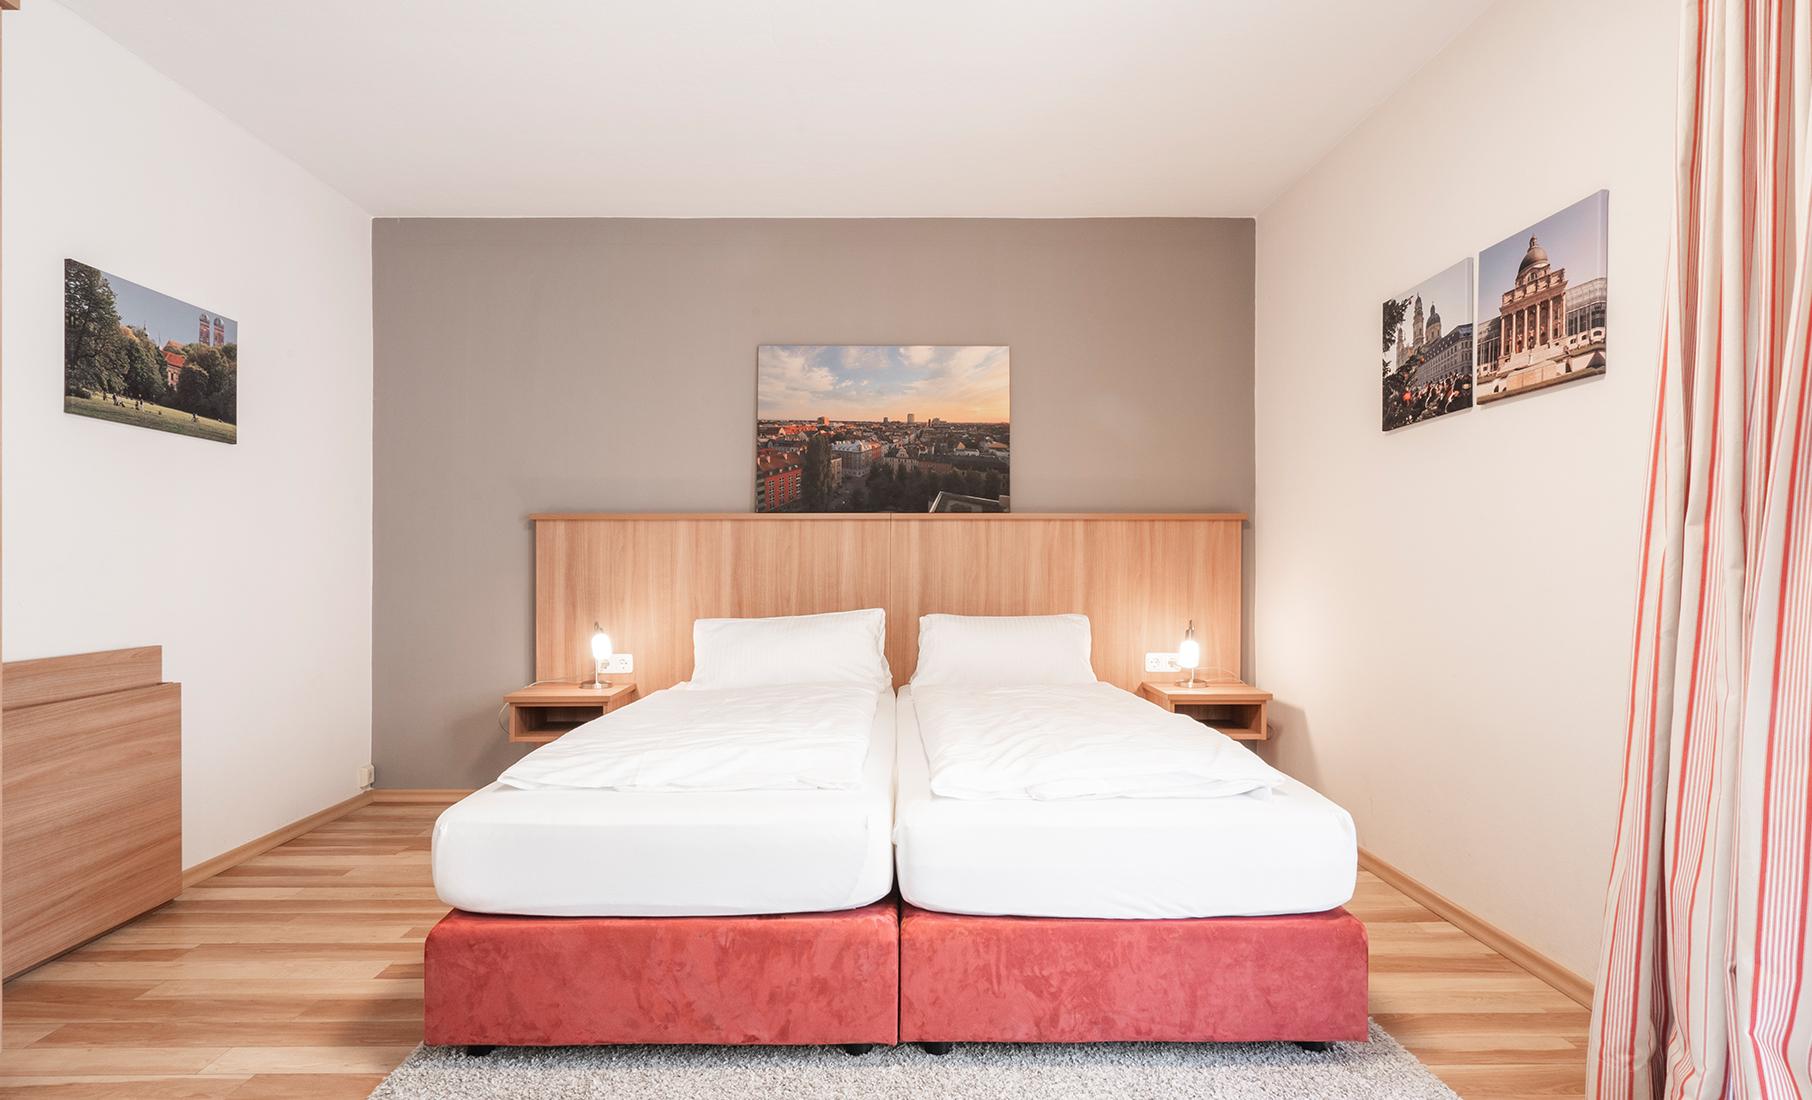 zimmer pension englischer garten m nchen. Black Bedroom Furniture Sets. Home Design Ideas